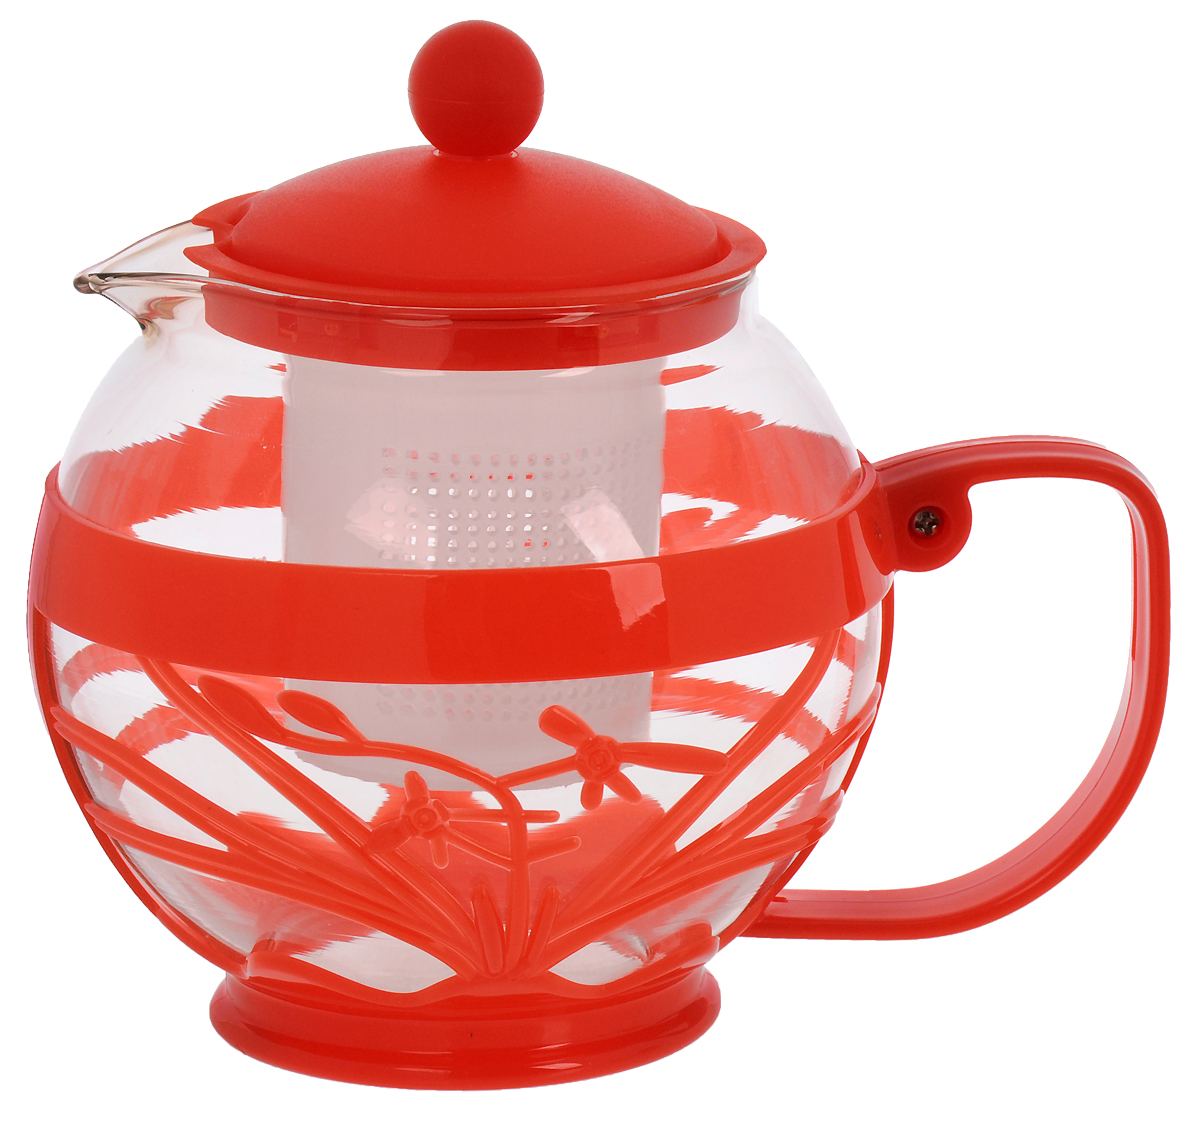 Чайник заварочный Wellberg Aqual, с фильтром, цвет: прозрачный, красный, 800 мл361 WB_красныйЧайник заварочный Wellberg Aqual изготовлен из высококачественного стекла и пластика. Изделие оснащено сетчатым фильтром, который задерживает чаинки и предотвращает их попадание в чашку, а прозрачные стенки дадут возможность наблюдать за насыщением напитка.Чай в таком чайнике дольше остается горячим, а полезные и ароматические вещества полностью сохраняются в напитке. Не рекомендуется мыть в посудомоечной машине.Диаметр чайника (по верхнему краю): 8 см.Высота чайника (с учетом крышки): 15 см.Размер фильтра: 6 х 6 х 6,5 см.